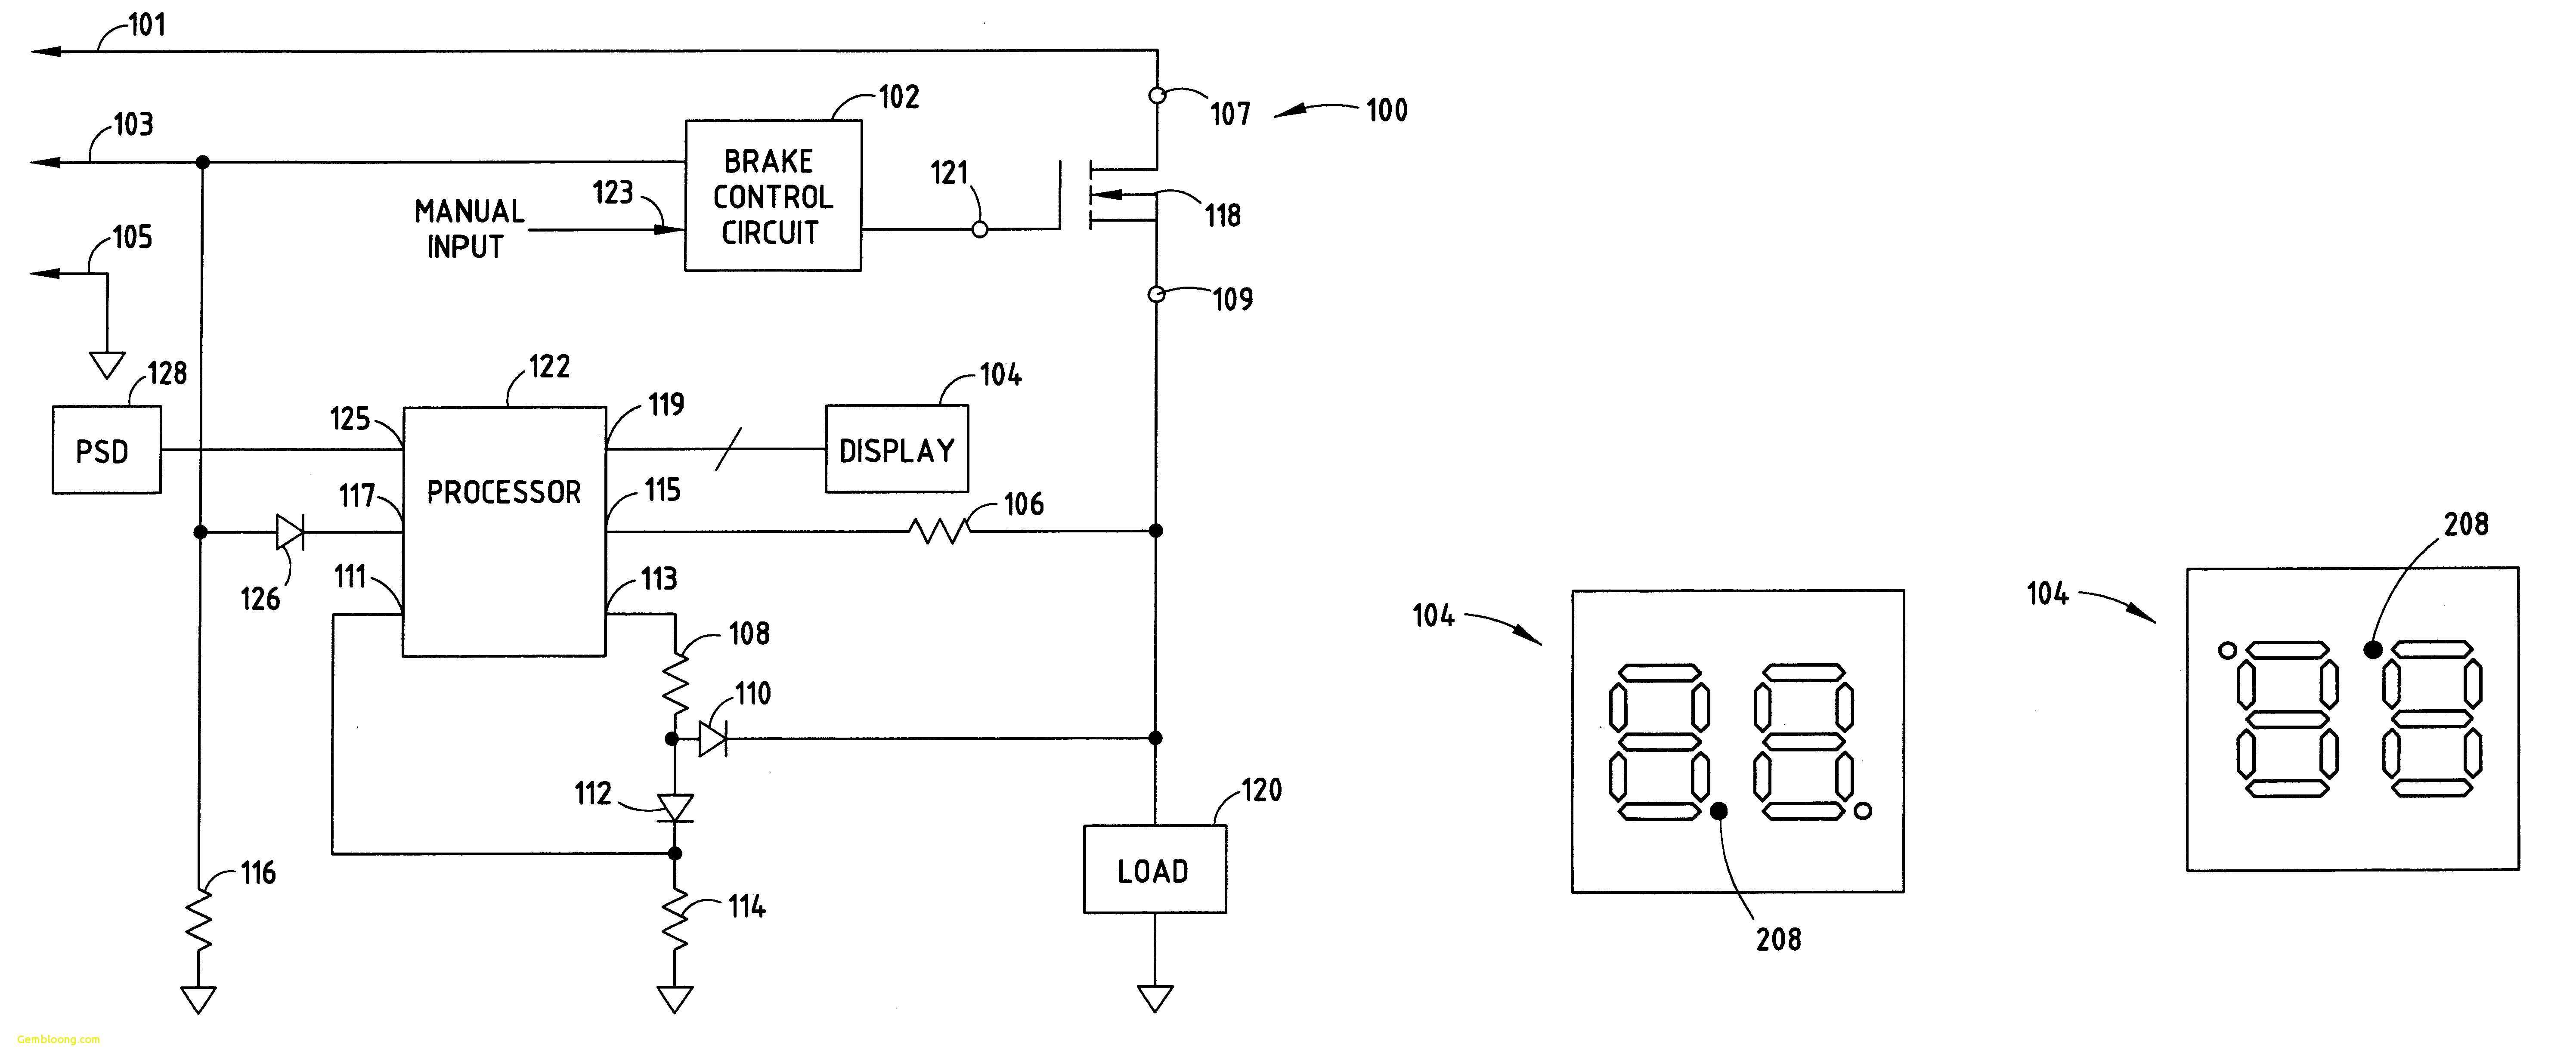 Tekonsha Trailer Brake Wiring Diagram | Wiring Diagram - Tekonsha Brake Controller Wiring Diagram